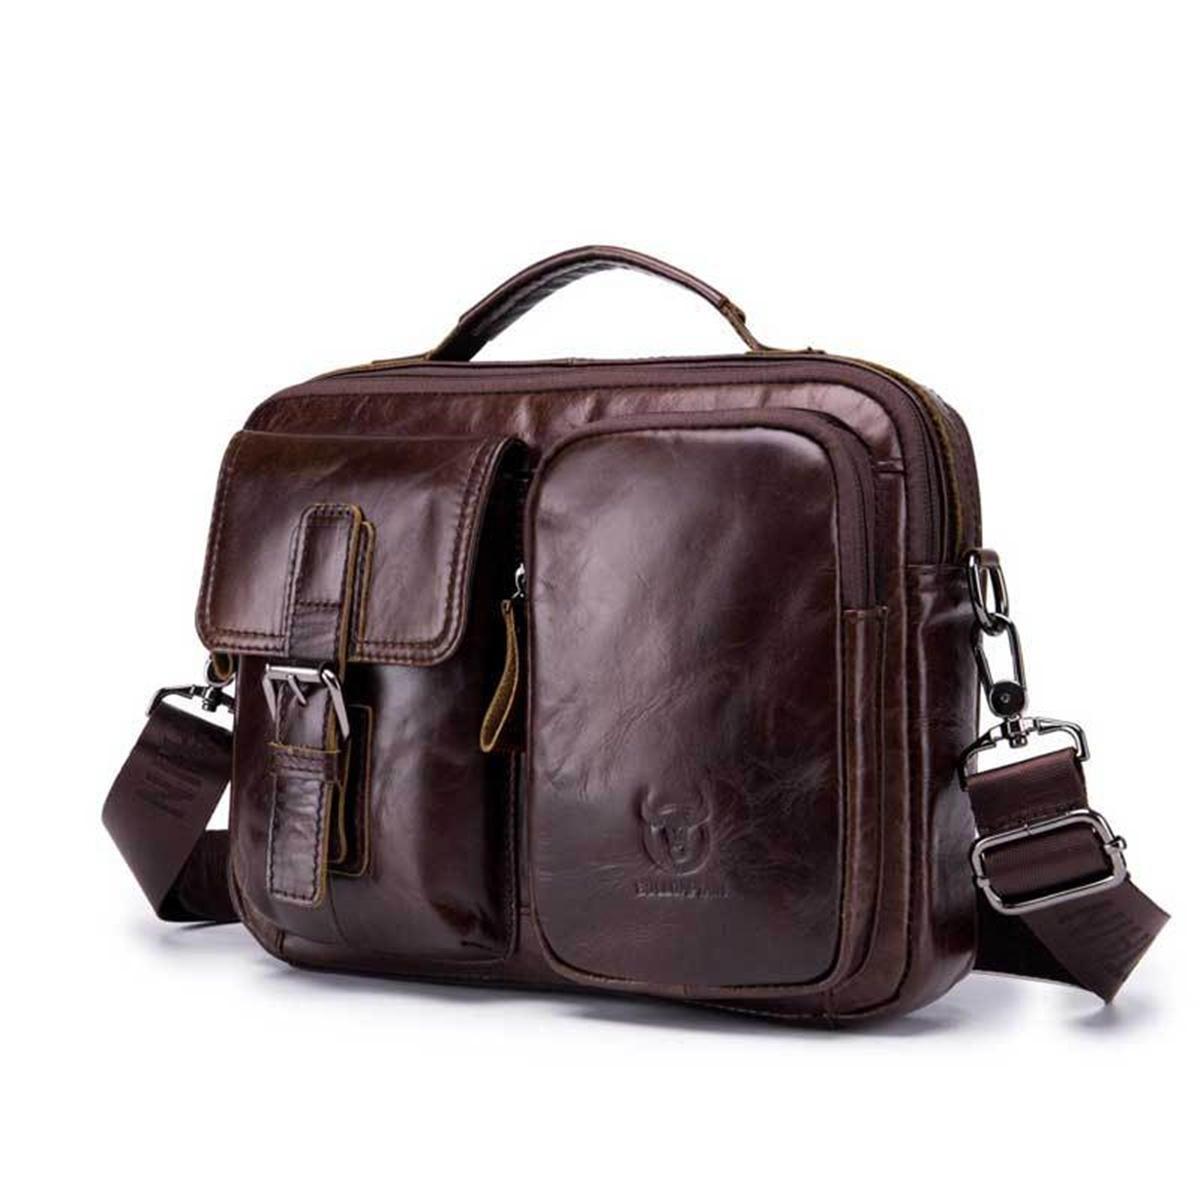 Men Genuine Leather Briefcase Shoulder Bag Business Travel Messenger Crossbody Laptop Handbag BROWN COLOR